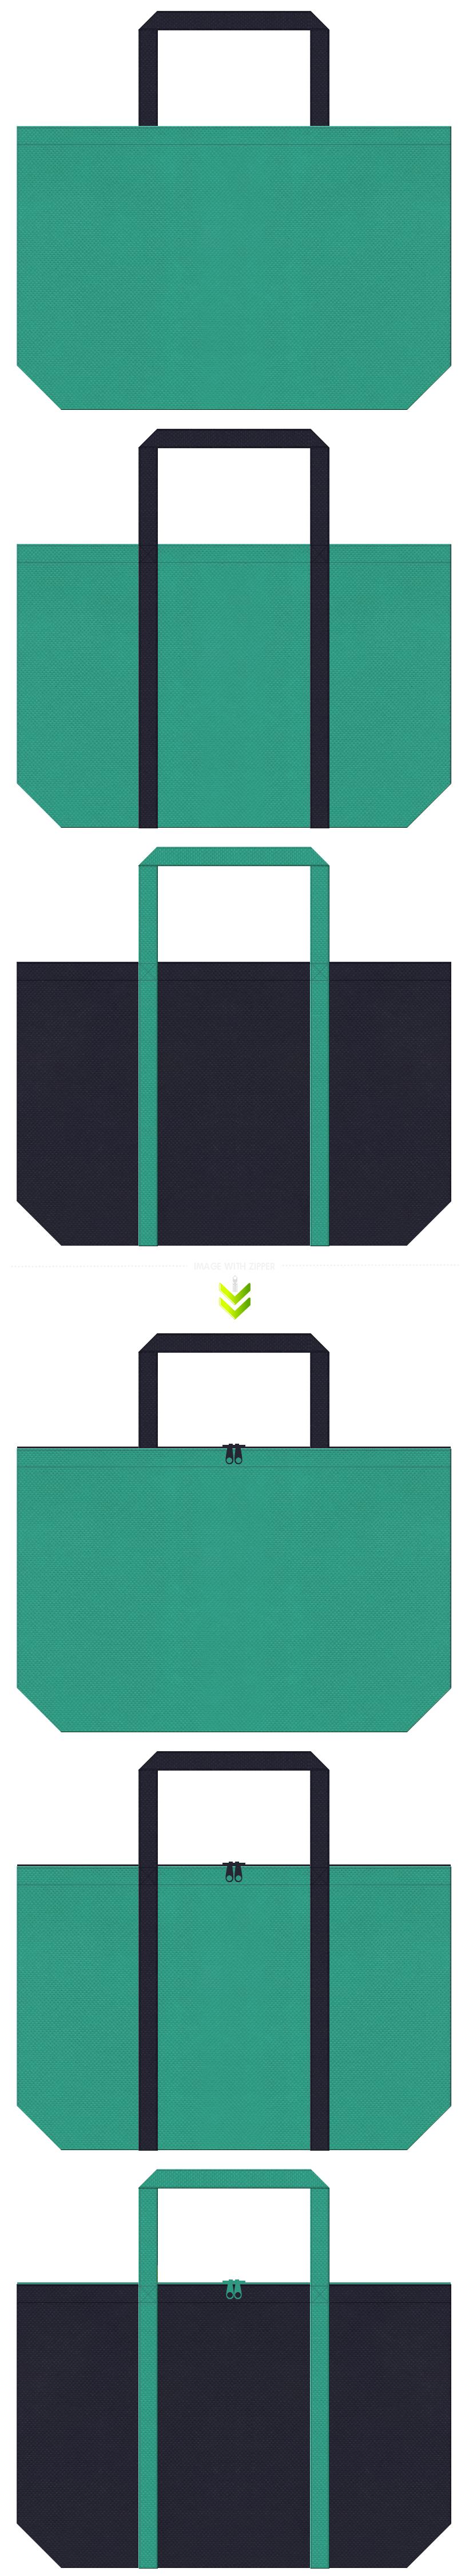 サマーイベント・マリンルック・マリンスポーツ・ボート・ヨット・クルージング・リーフ・ダイビング・釣具・ユニフォーム・運動靴・アウトドア・スポーツ用品のショッピングバッグ・ランドリーバッグにお奨めの不織布バッグデザイン:青緑色と濃紺色のコーデ